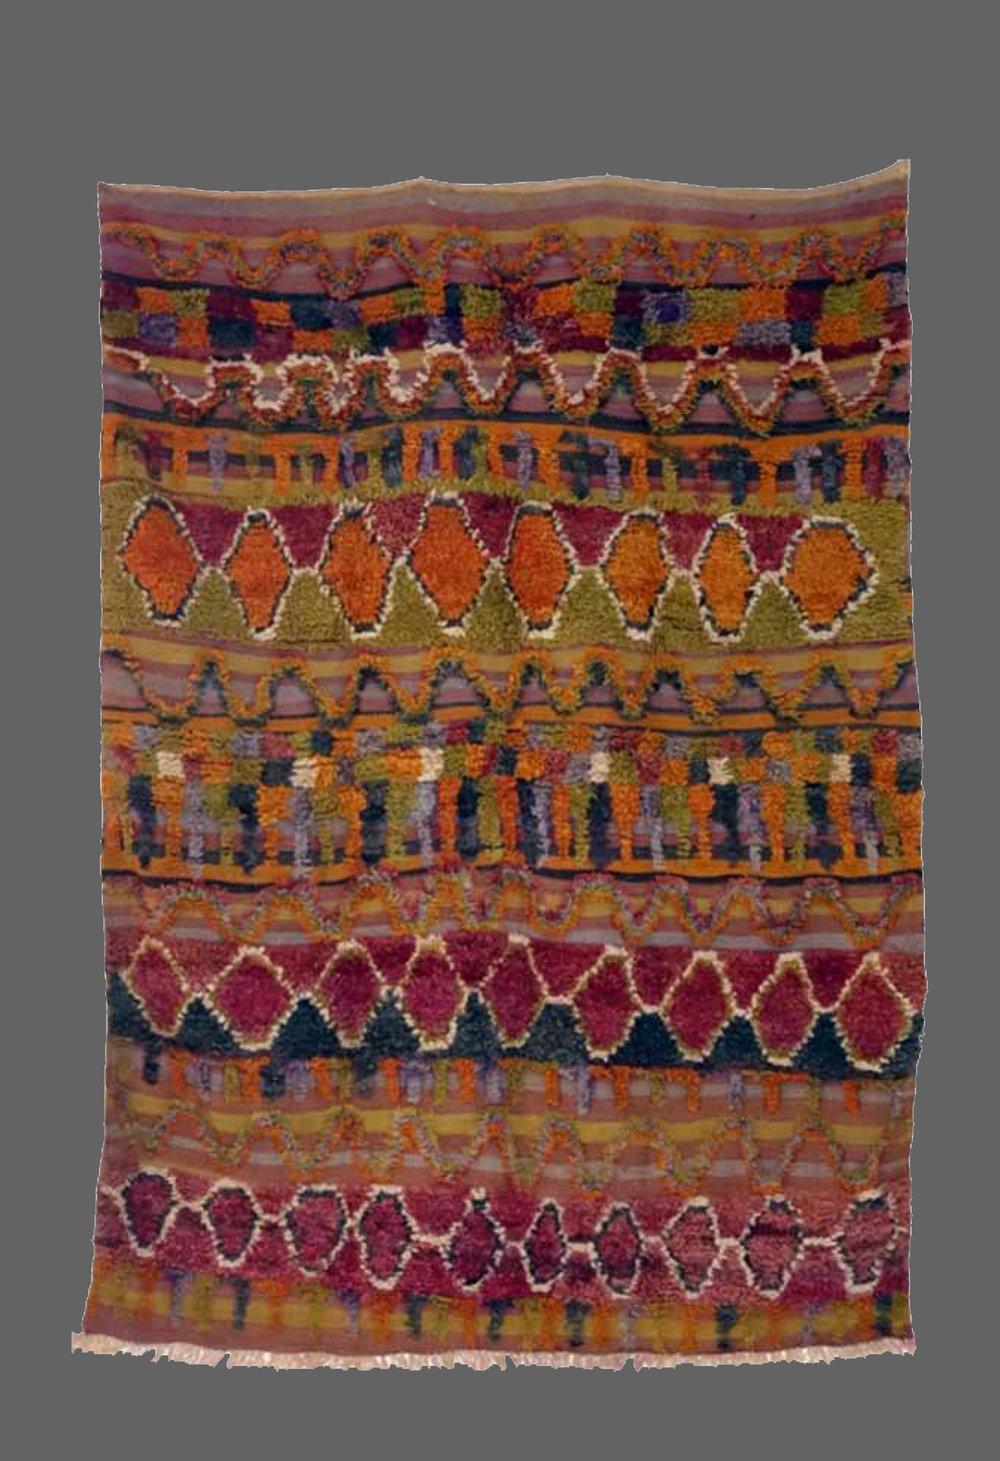 Ethnie : Ait Bou Ichaouen    Origine : Maroc    Année : 1980    Dimensions :    Technique : Noeuds noués    Description : tapis en volume, très beau design, couleurs rares    Référence : AIT 003    Prix : VENDU